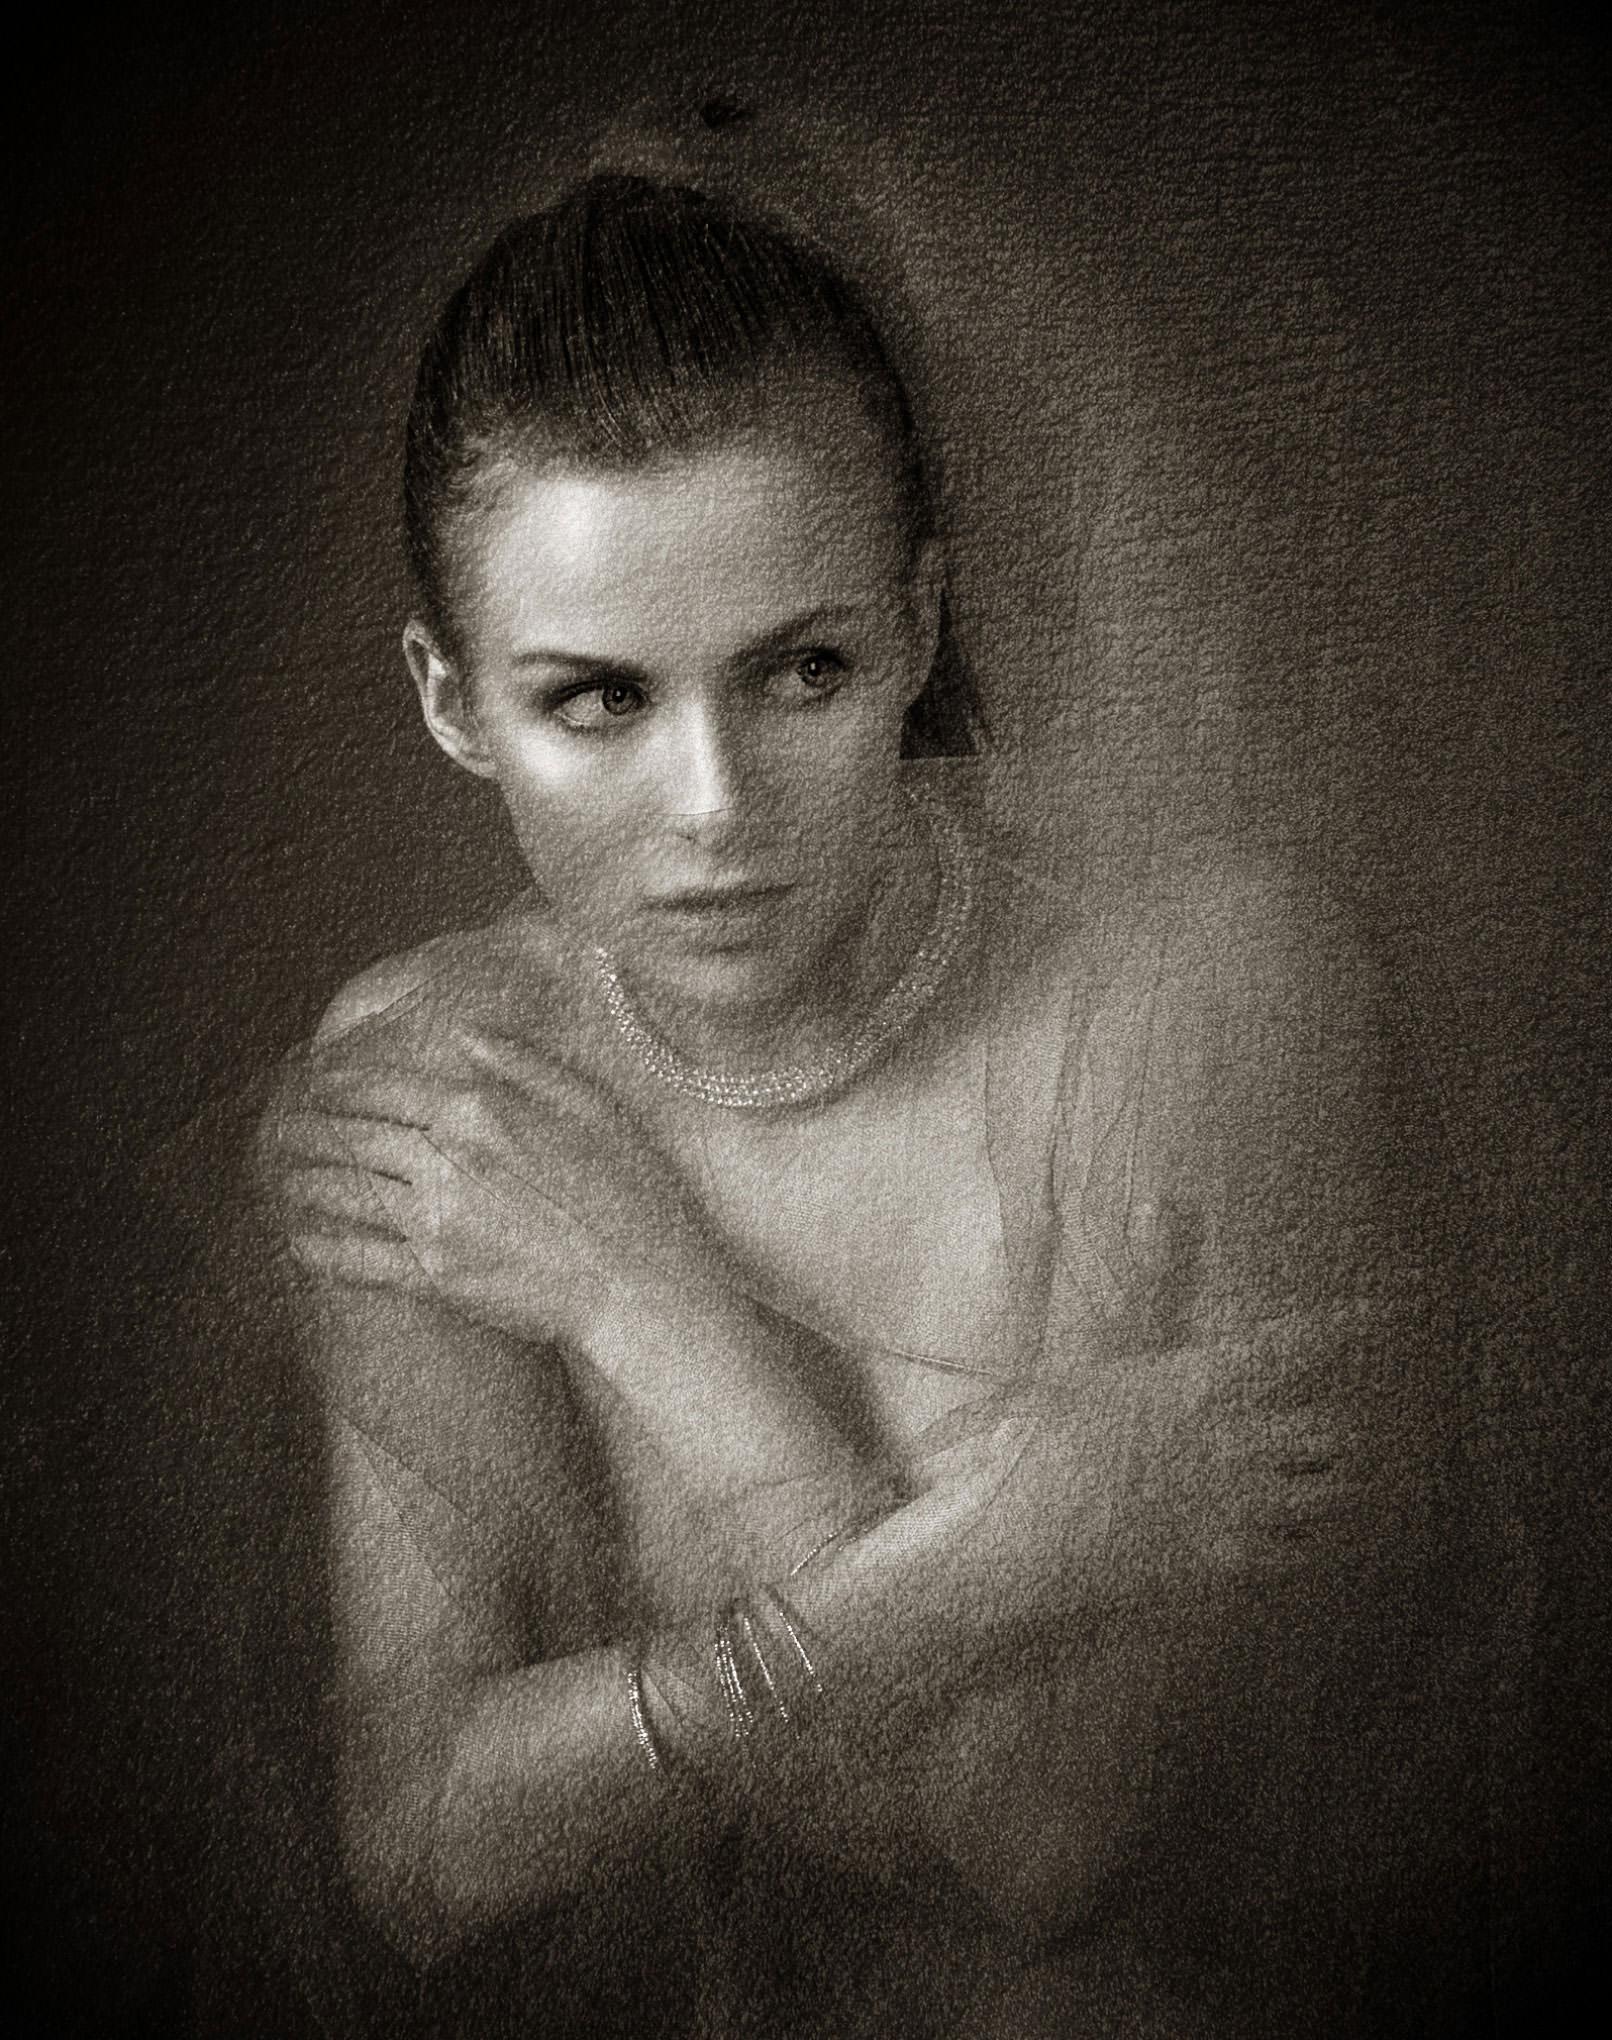 Portrait einer Frau, darauf Textur aus Acryl und Lack